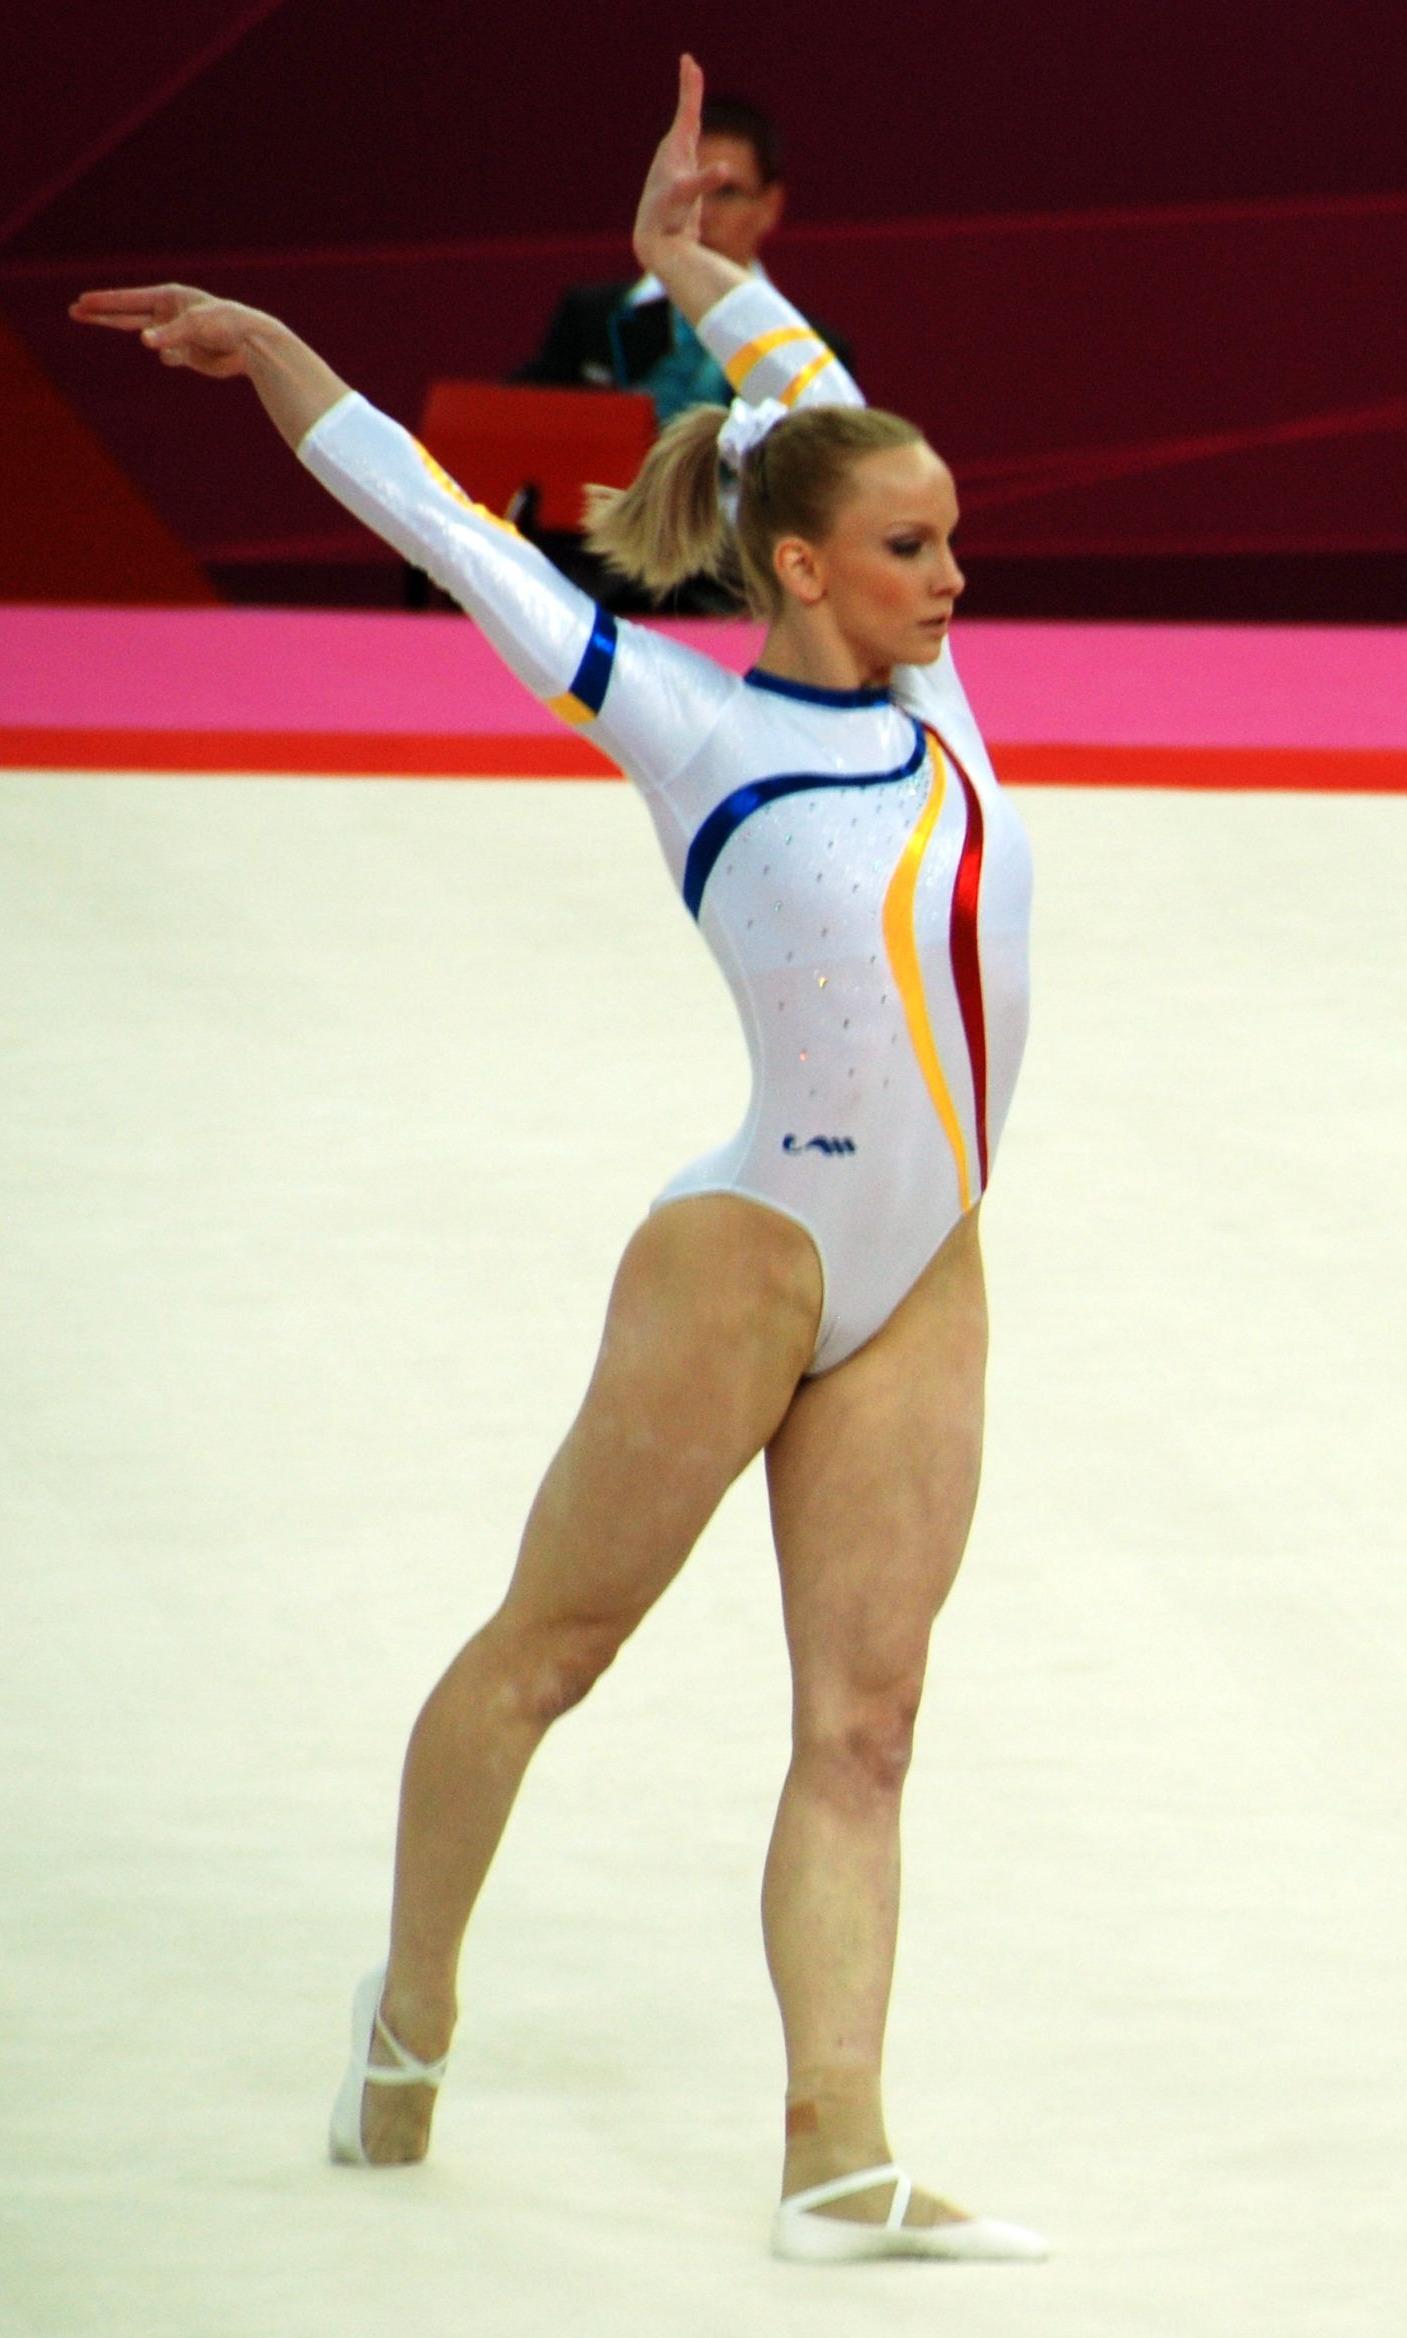 Deportes olimpicos solo para hombres